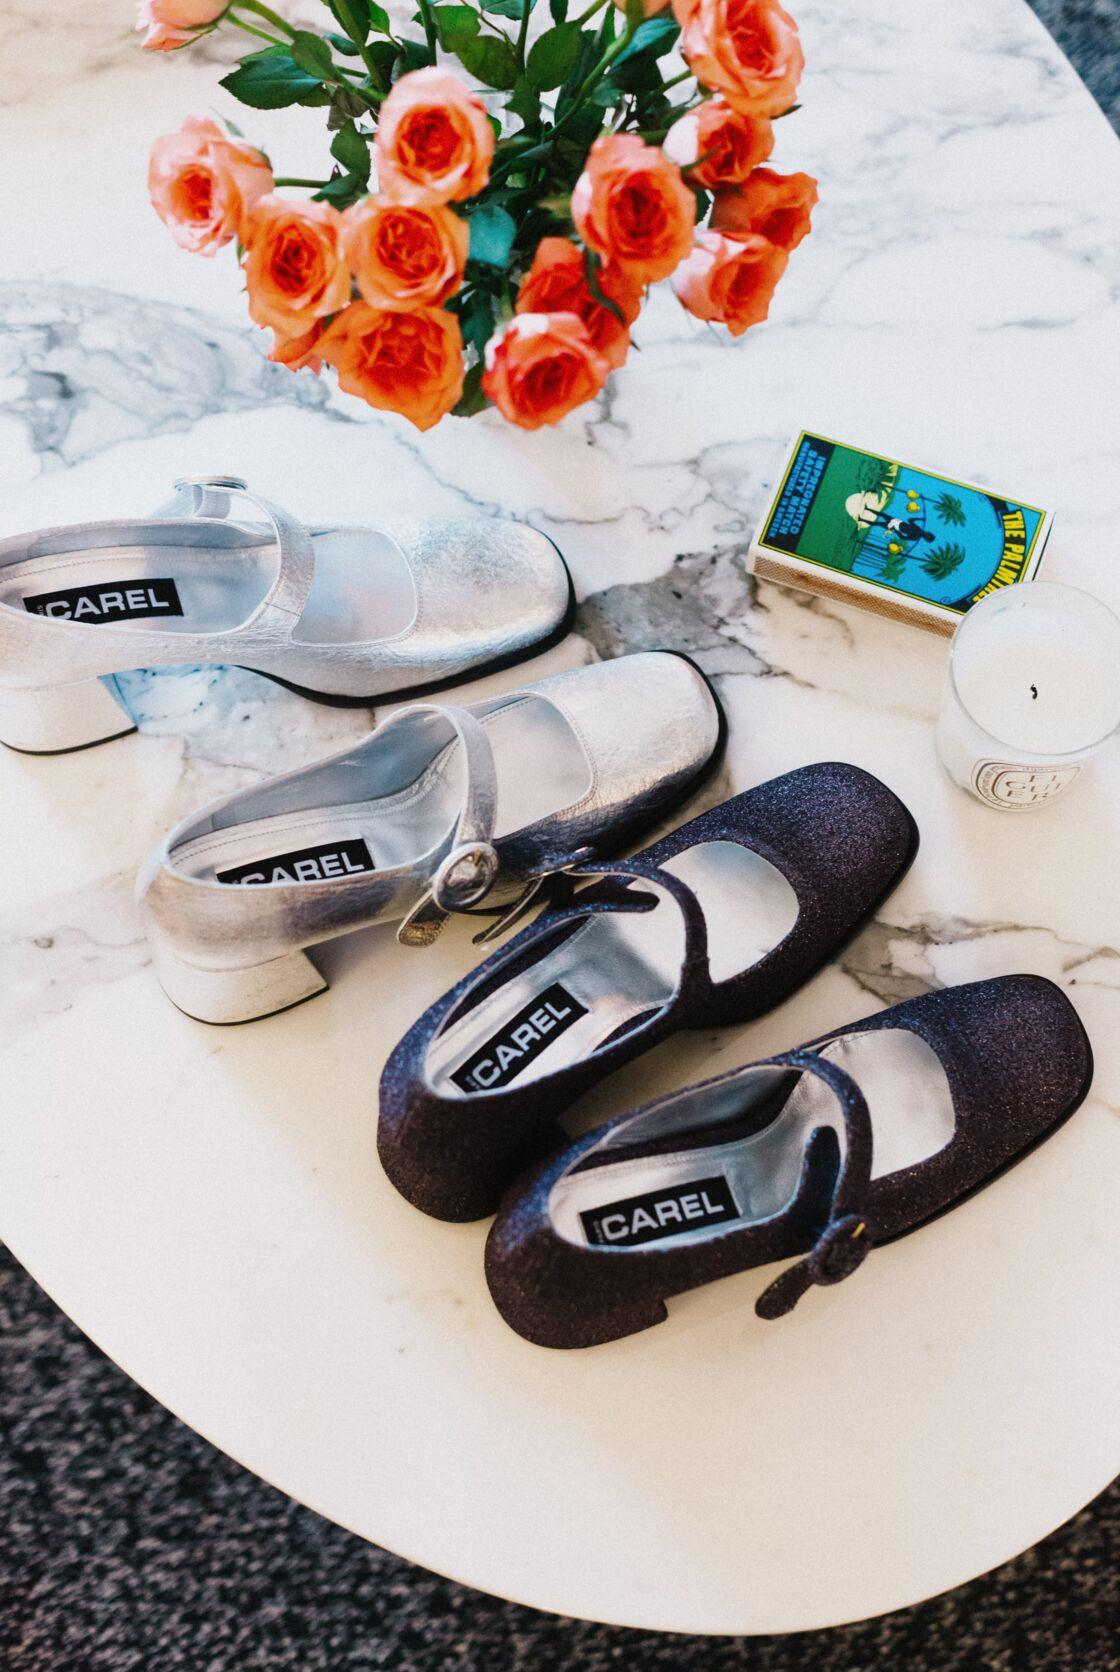 Cet été, Carel s'associe à la société Adapta, qui déniche des stocks dormants des marques de luxe et leur donne accès avec toutes les informations de traçabilité.